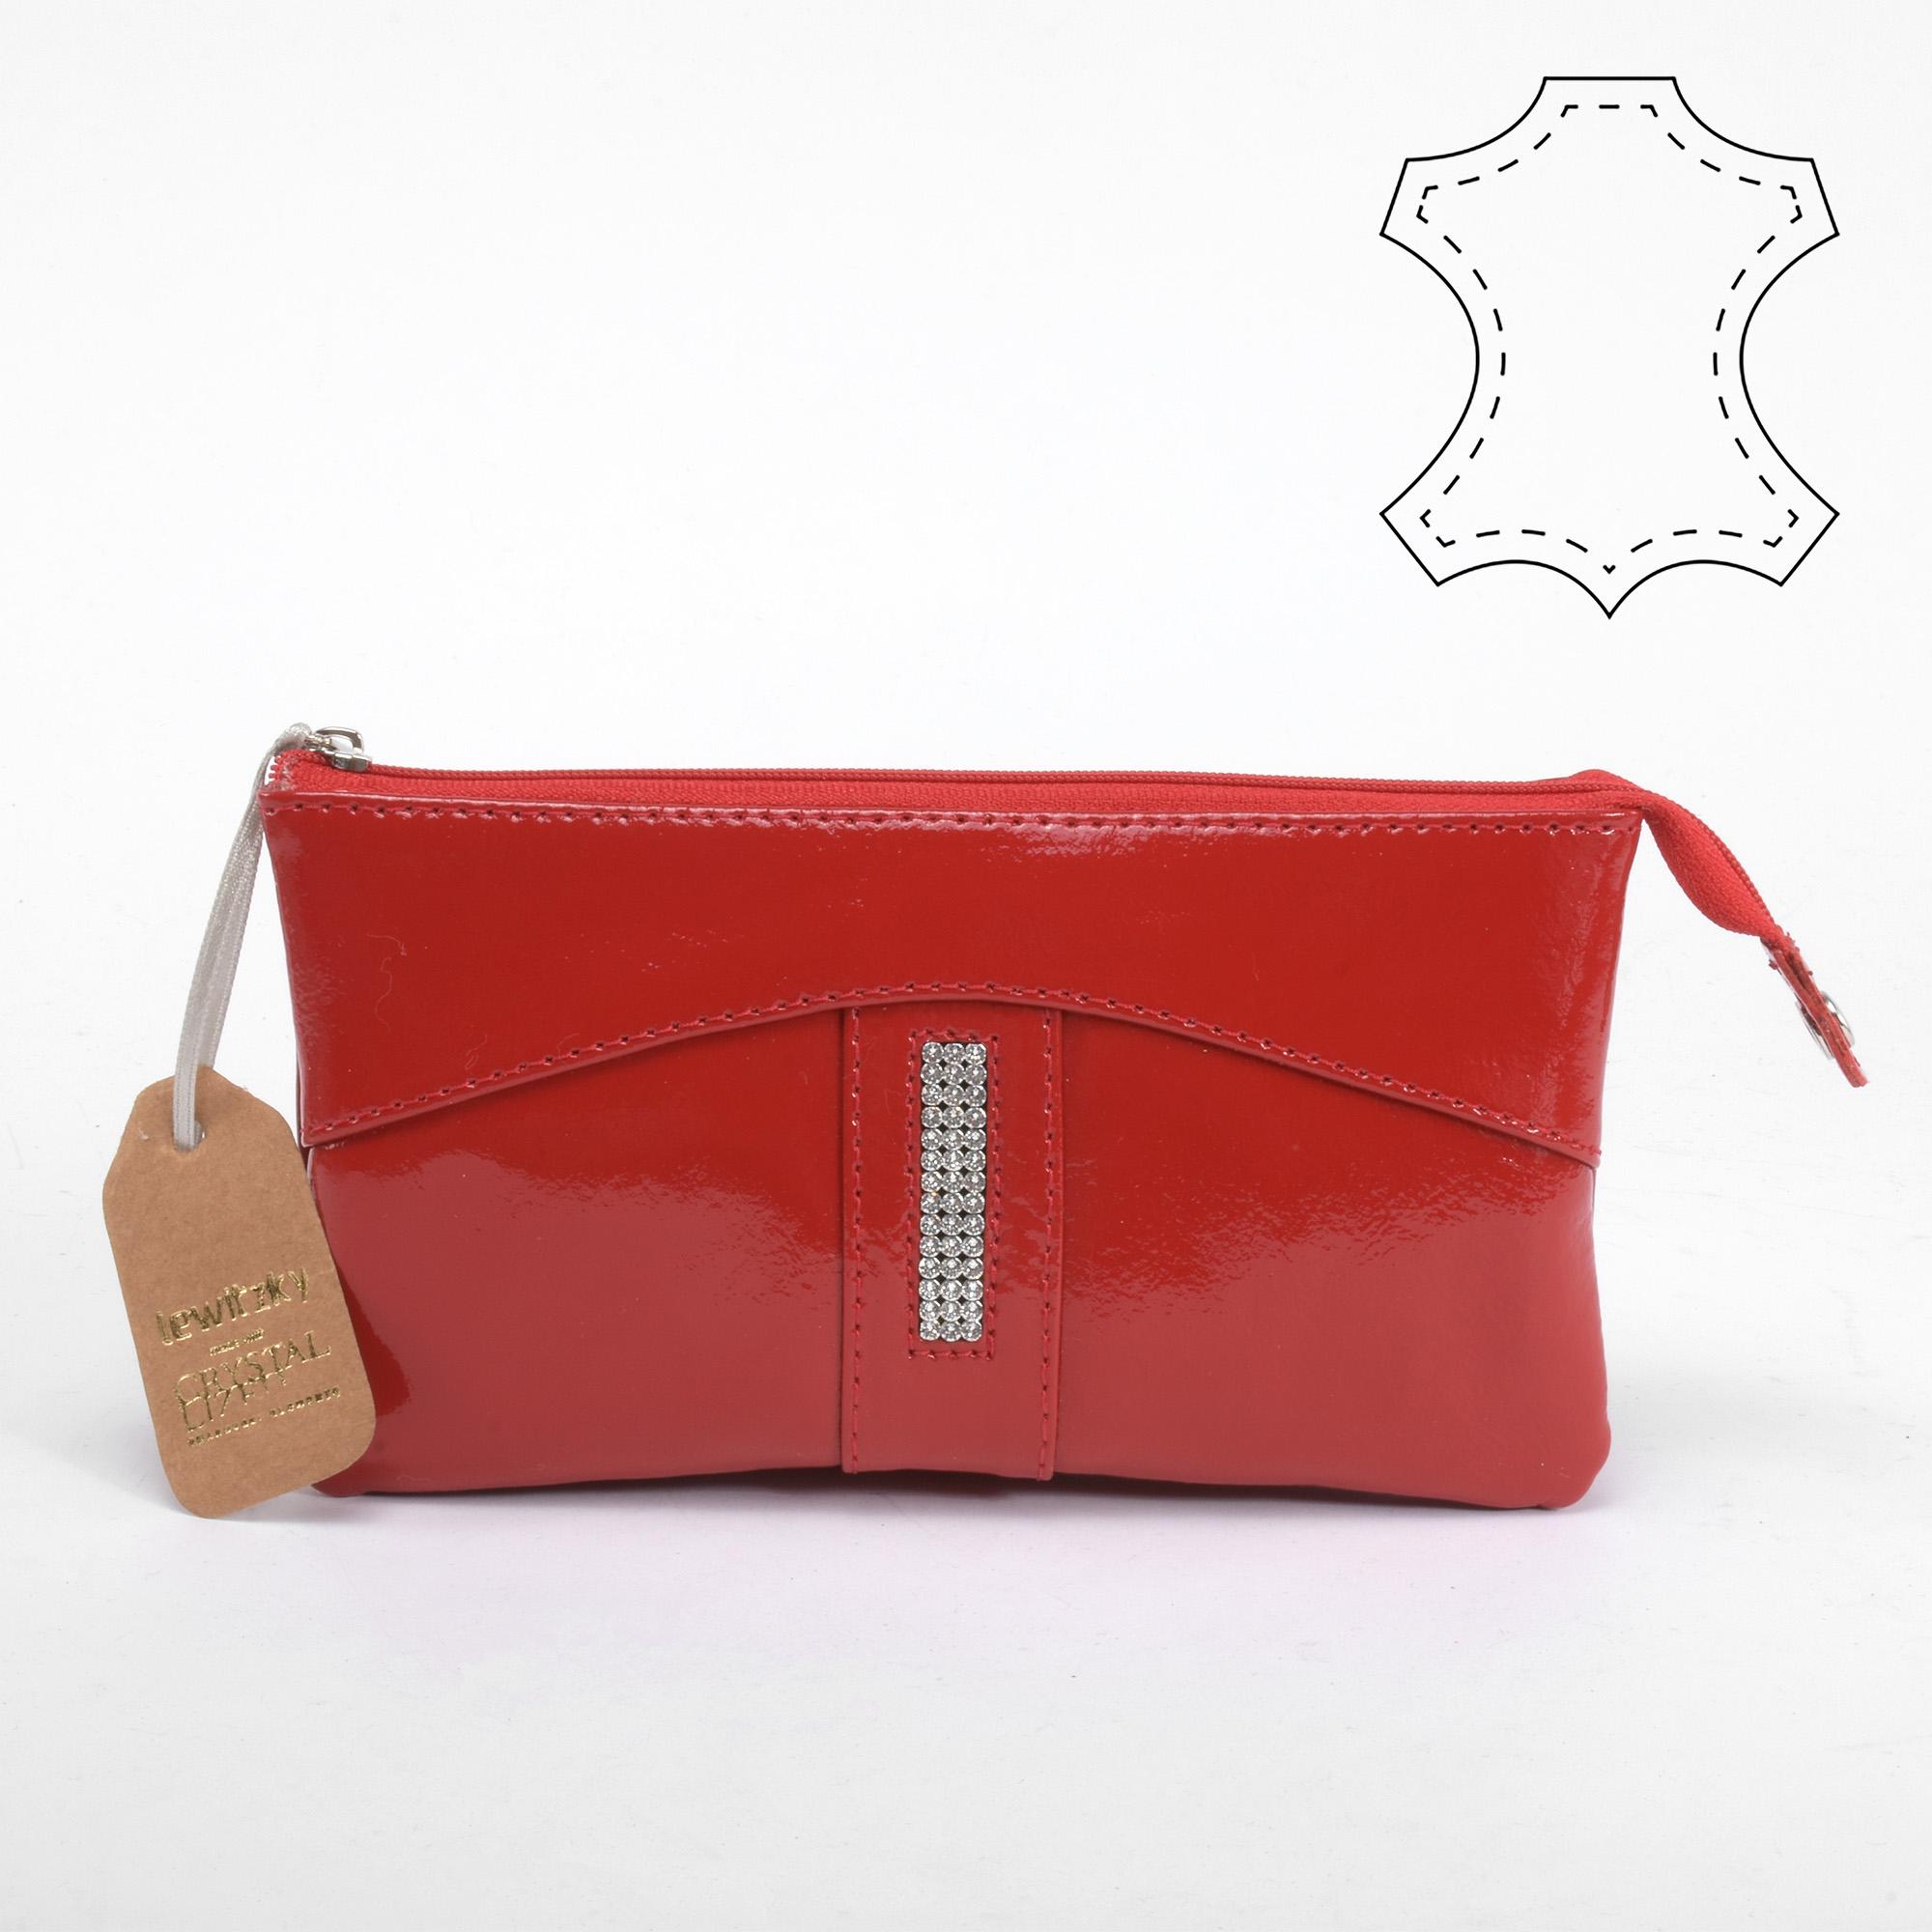 bdc37e17c6 Lewitzky Swarovski köves piros bőr pénztárca - NŐI PÉNZTÁRCÁK - Táska  webáruház - Minőségi táskák mindenkinek